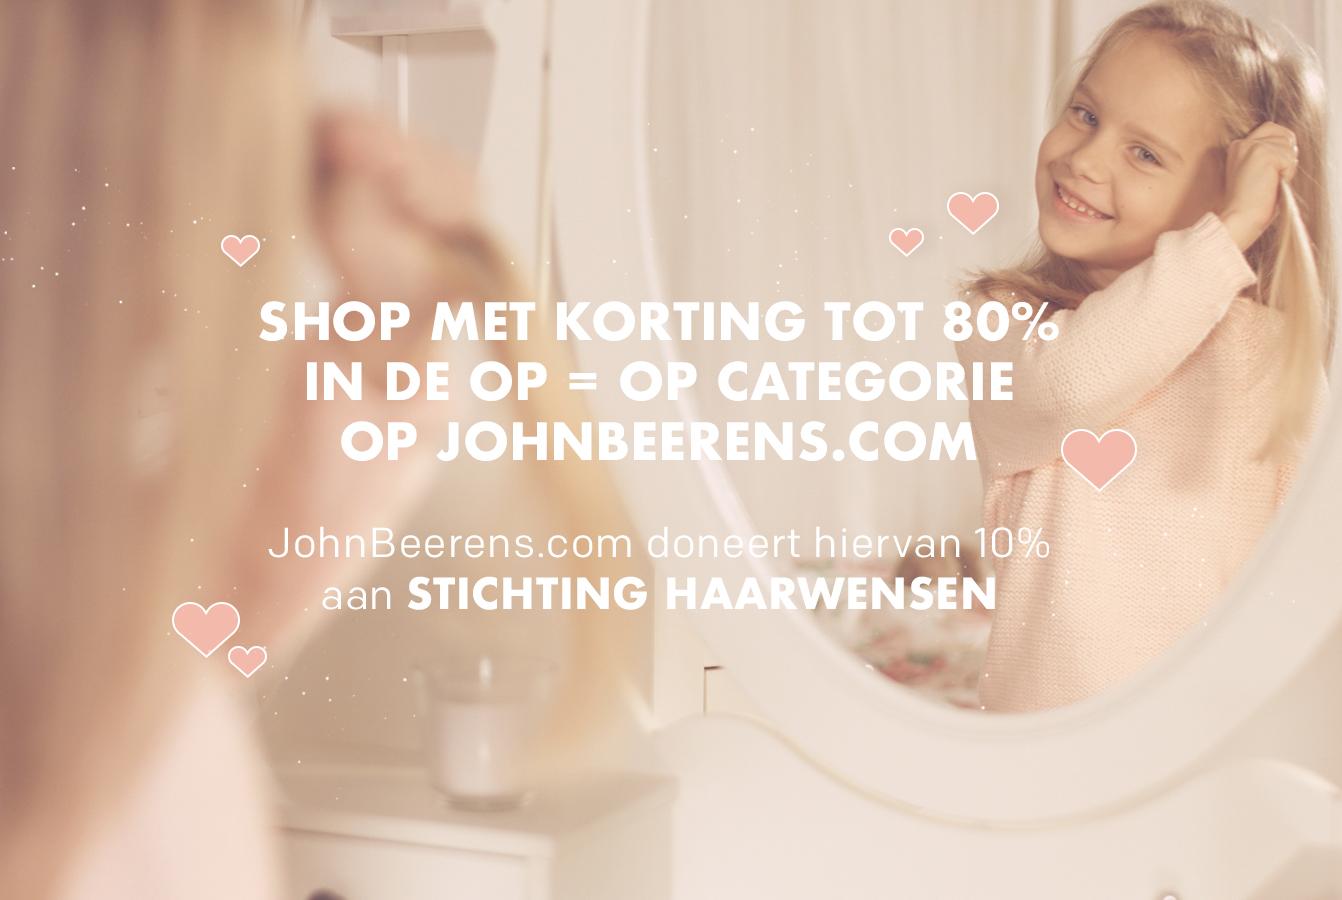 John Beerens steunt stichting Haarwensen! Doe jij ook mee?